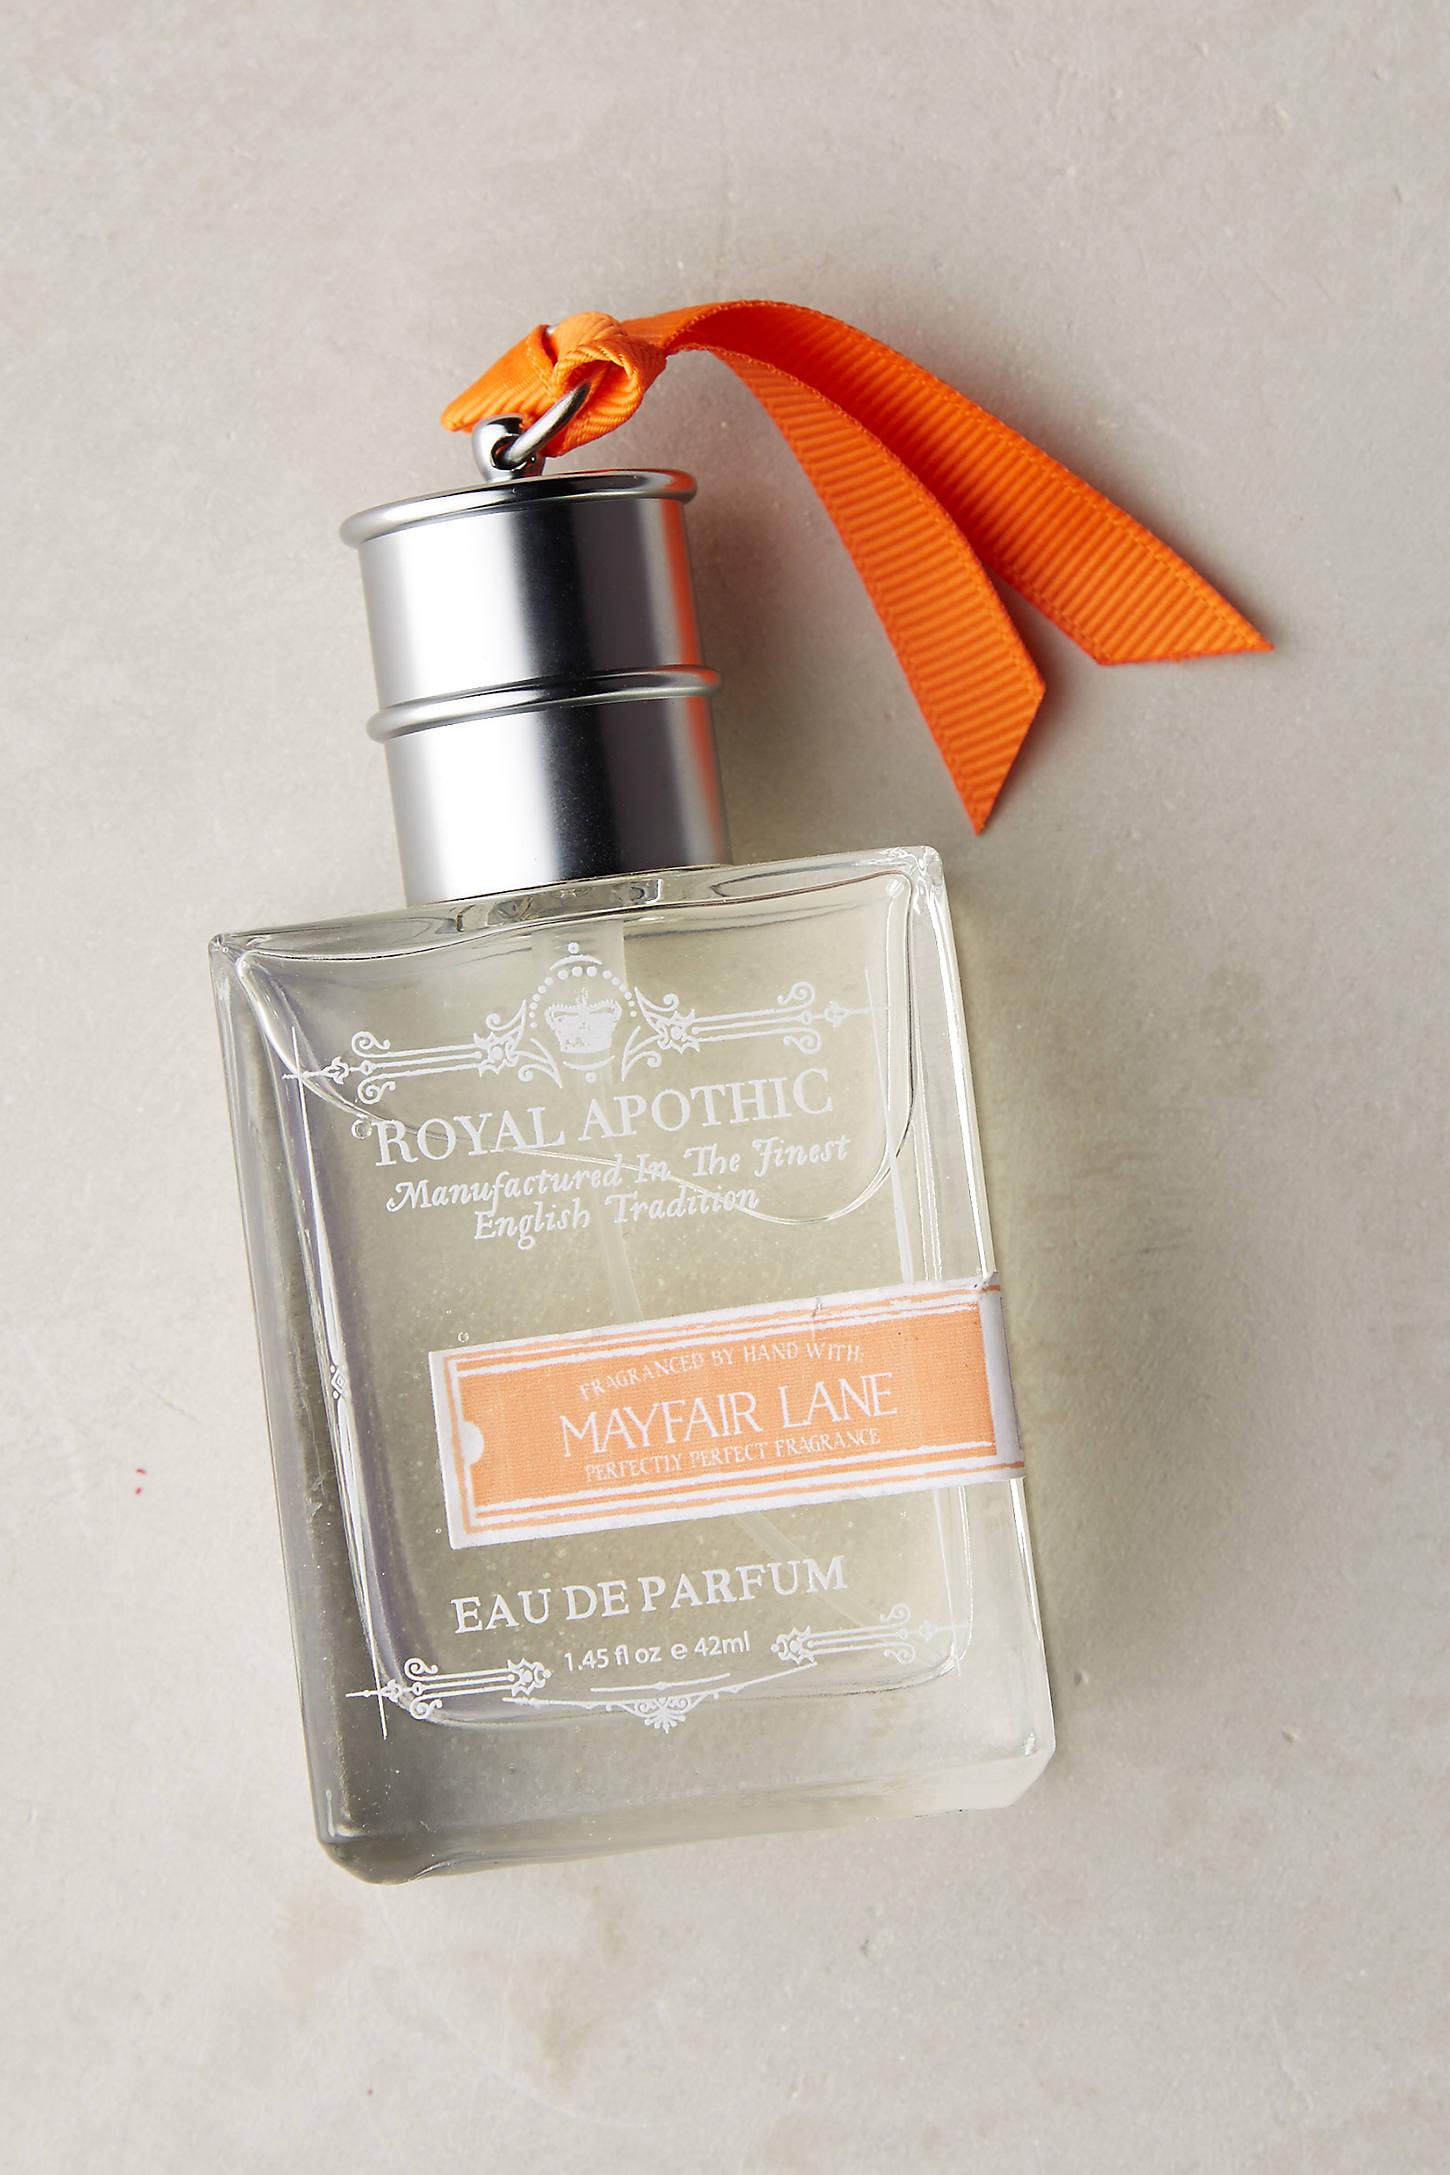 Royal Apothic Eau De Parfum